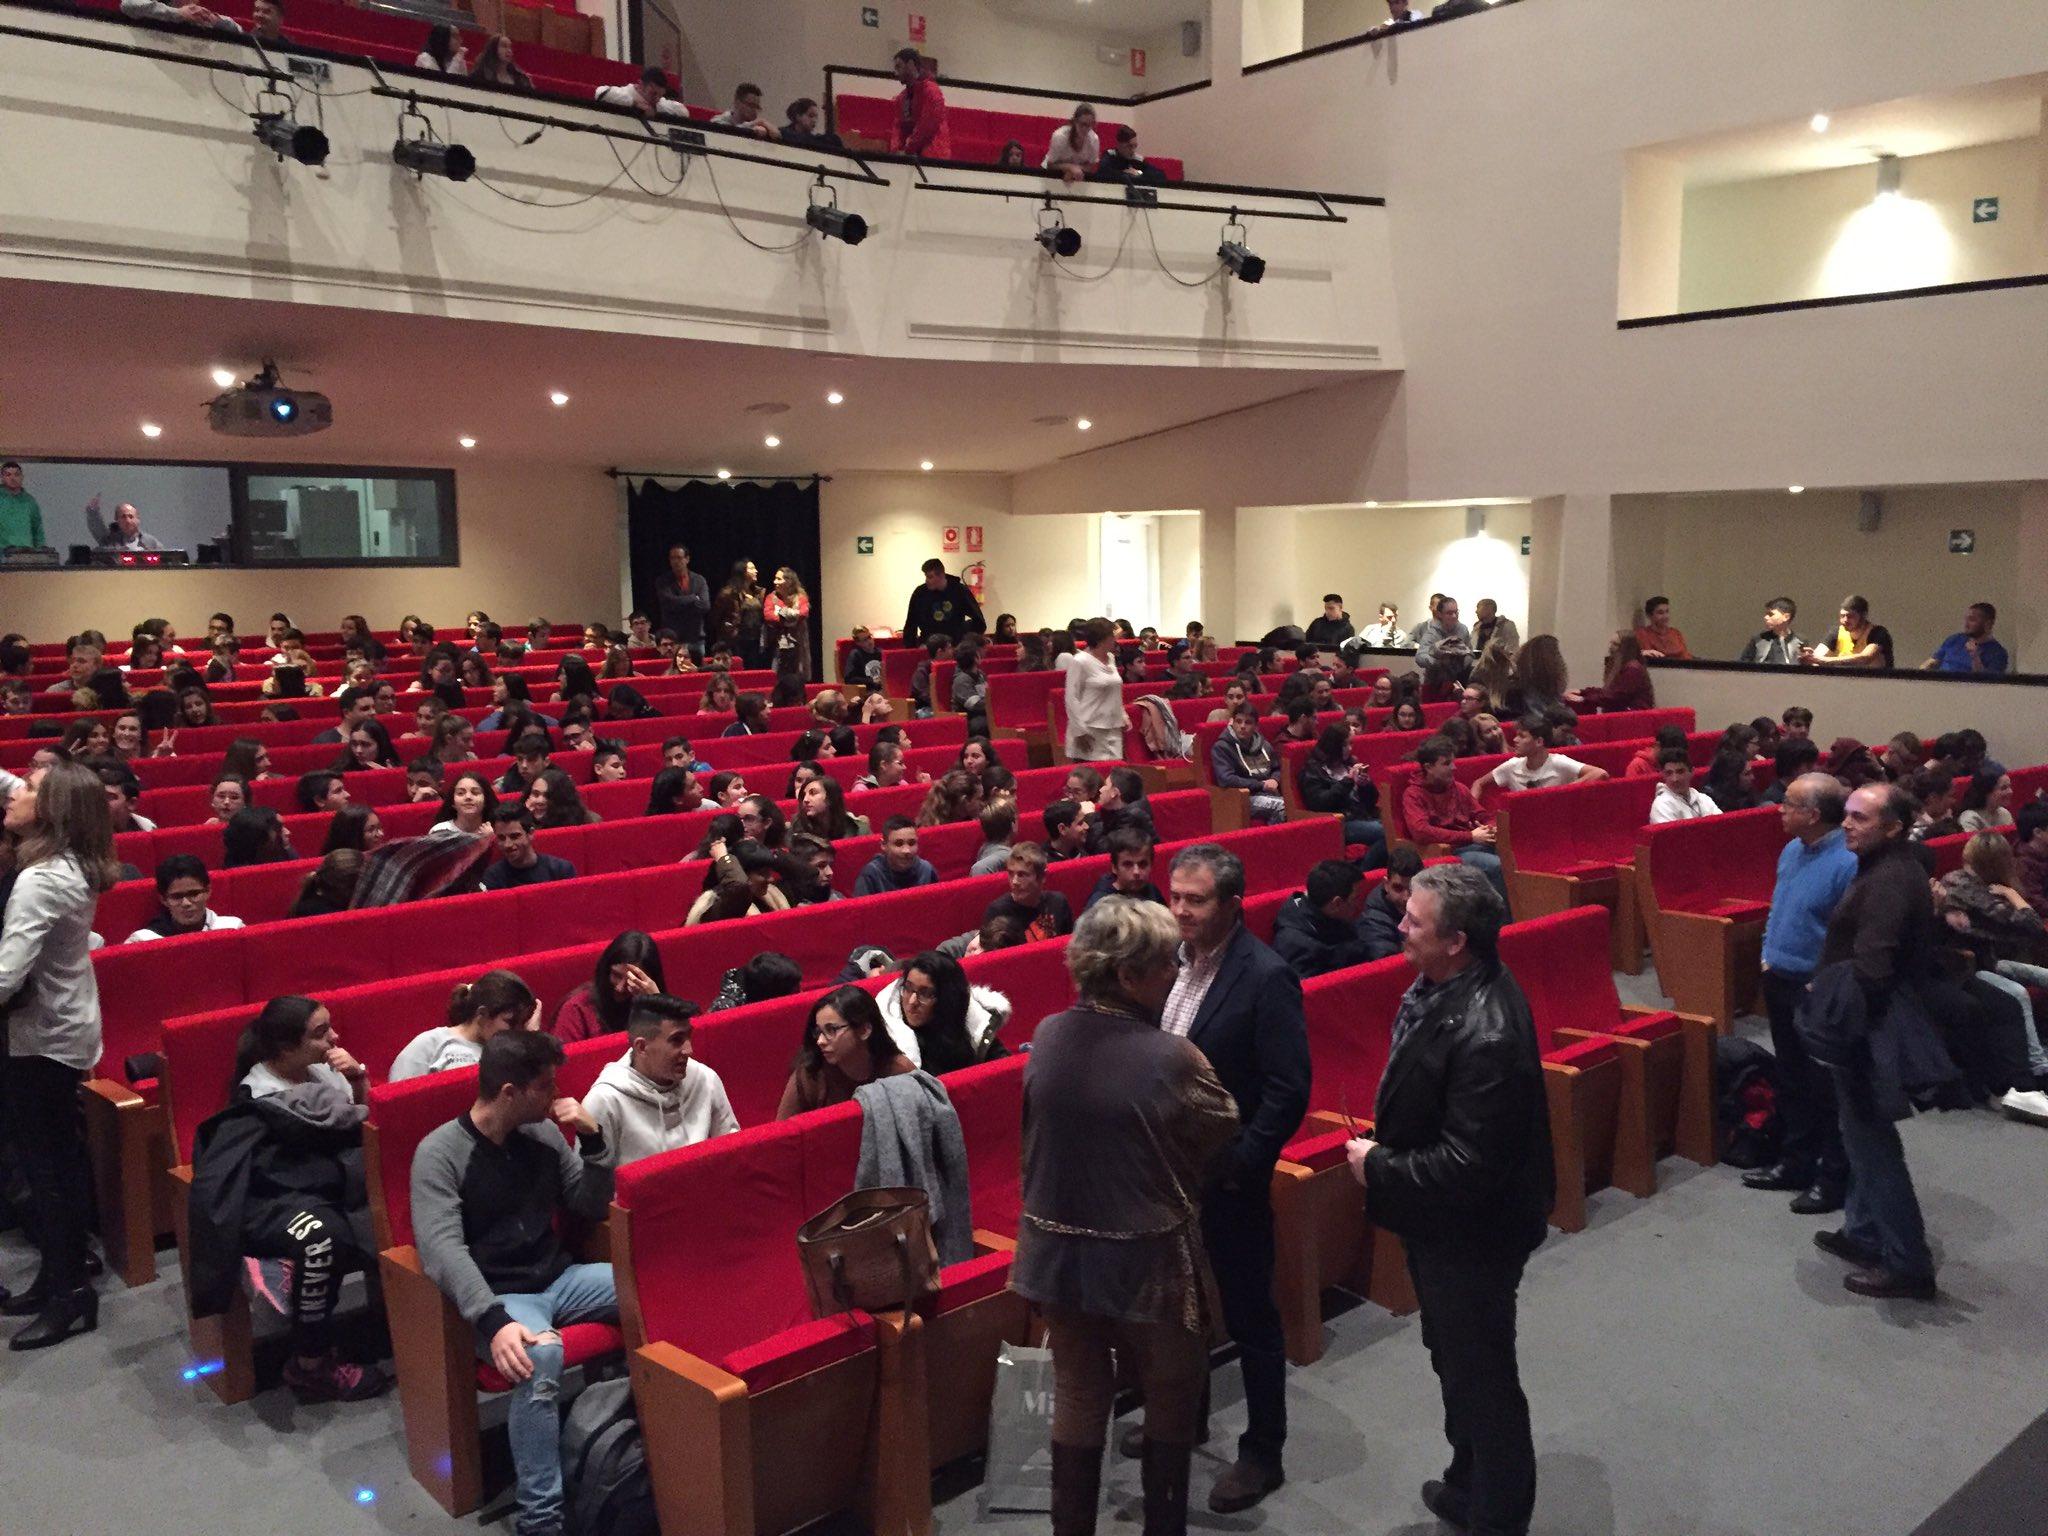 Muchas gracias por el recibimiento de hoy en Mijas. Un gusto charlar con los colegios y compartir @TheOtherKidsDoc con más de 400 alumnos. https://t.co/oOBvqpyHSq